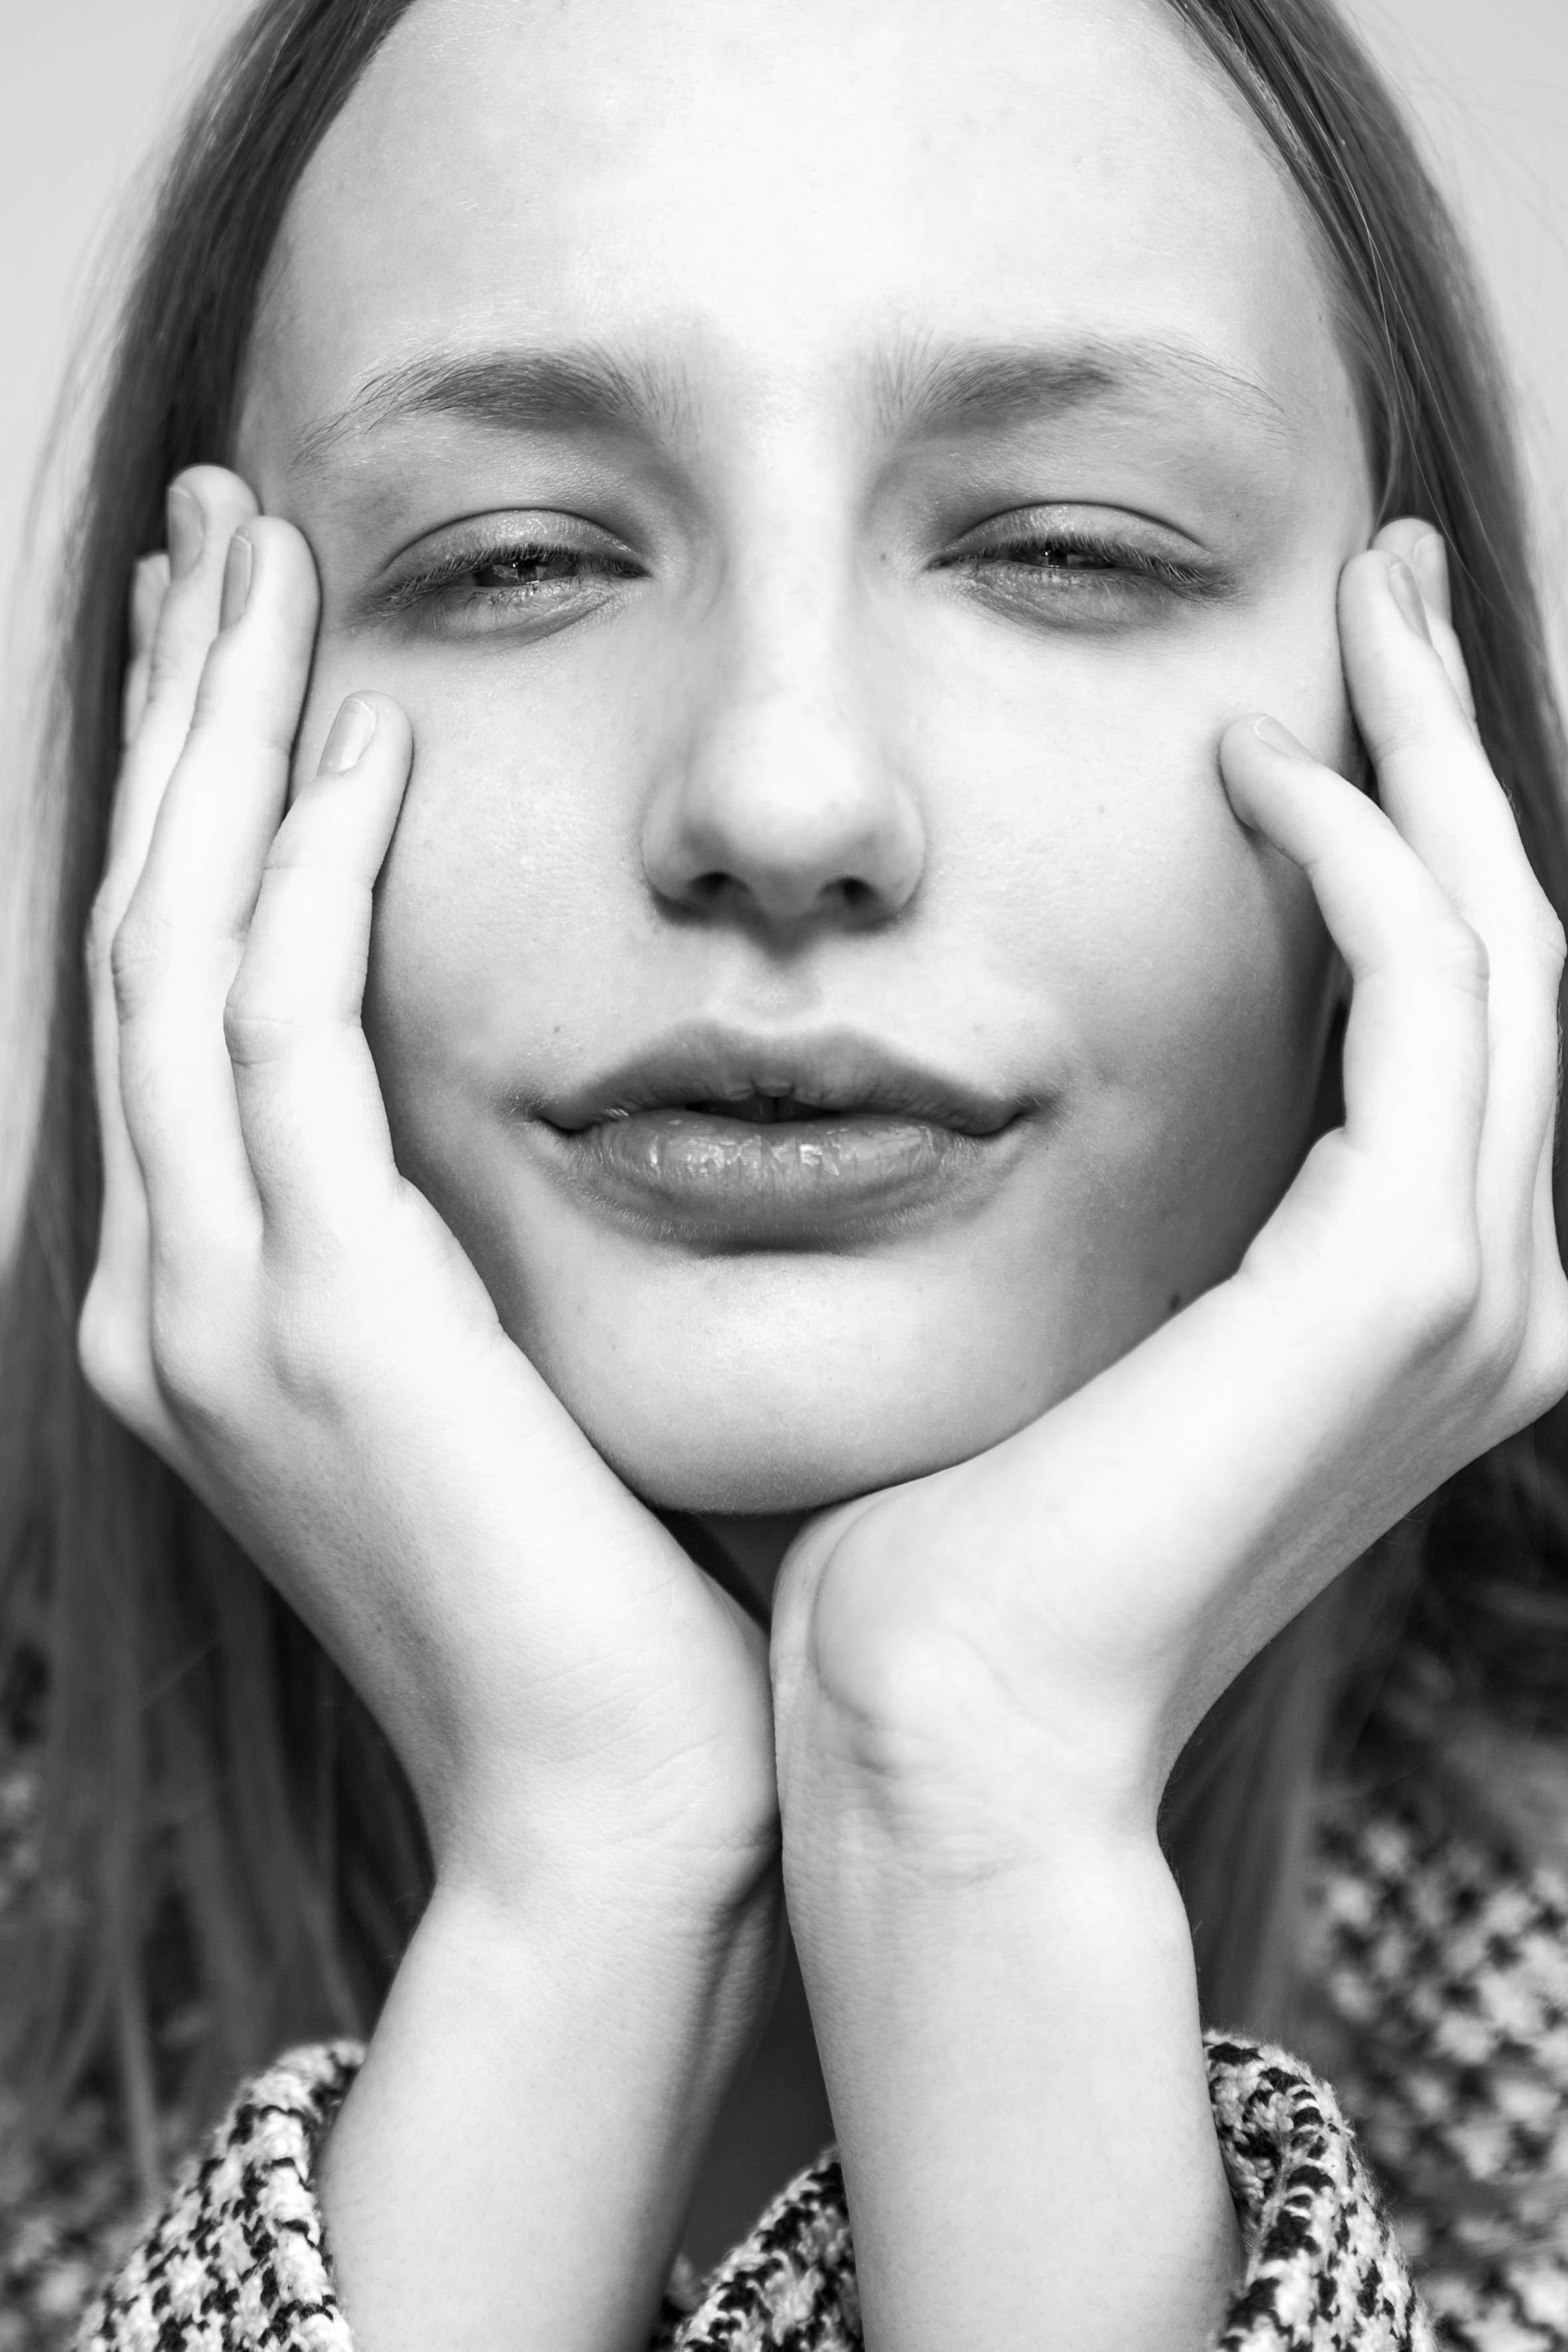 Model: Aubrey // Amax Agency